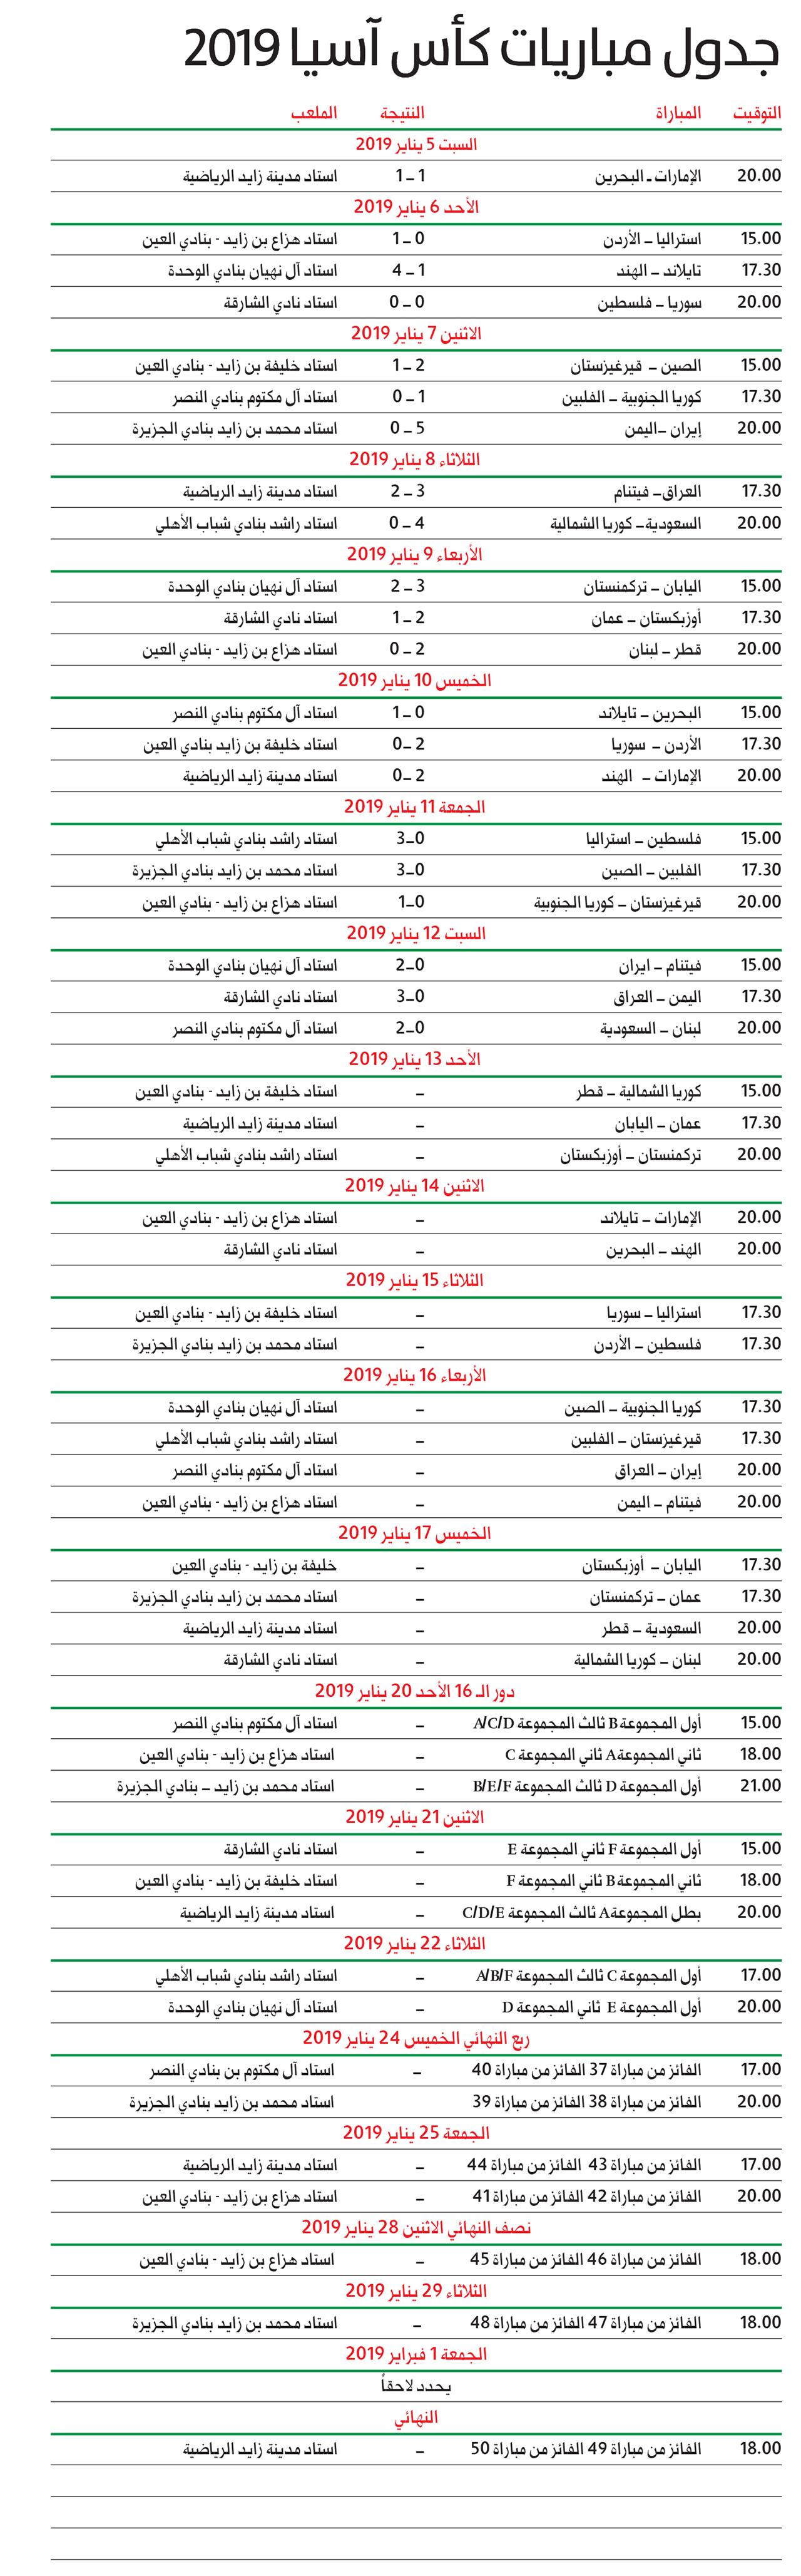 جدول مباريات كأس آسيا 2019 الرياضي كأس آسيا البيان